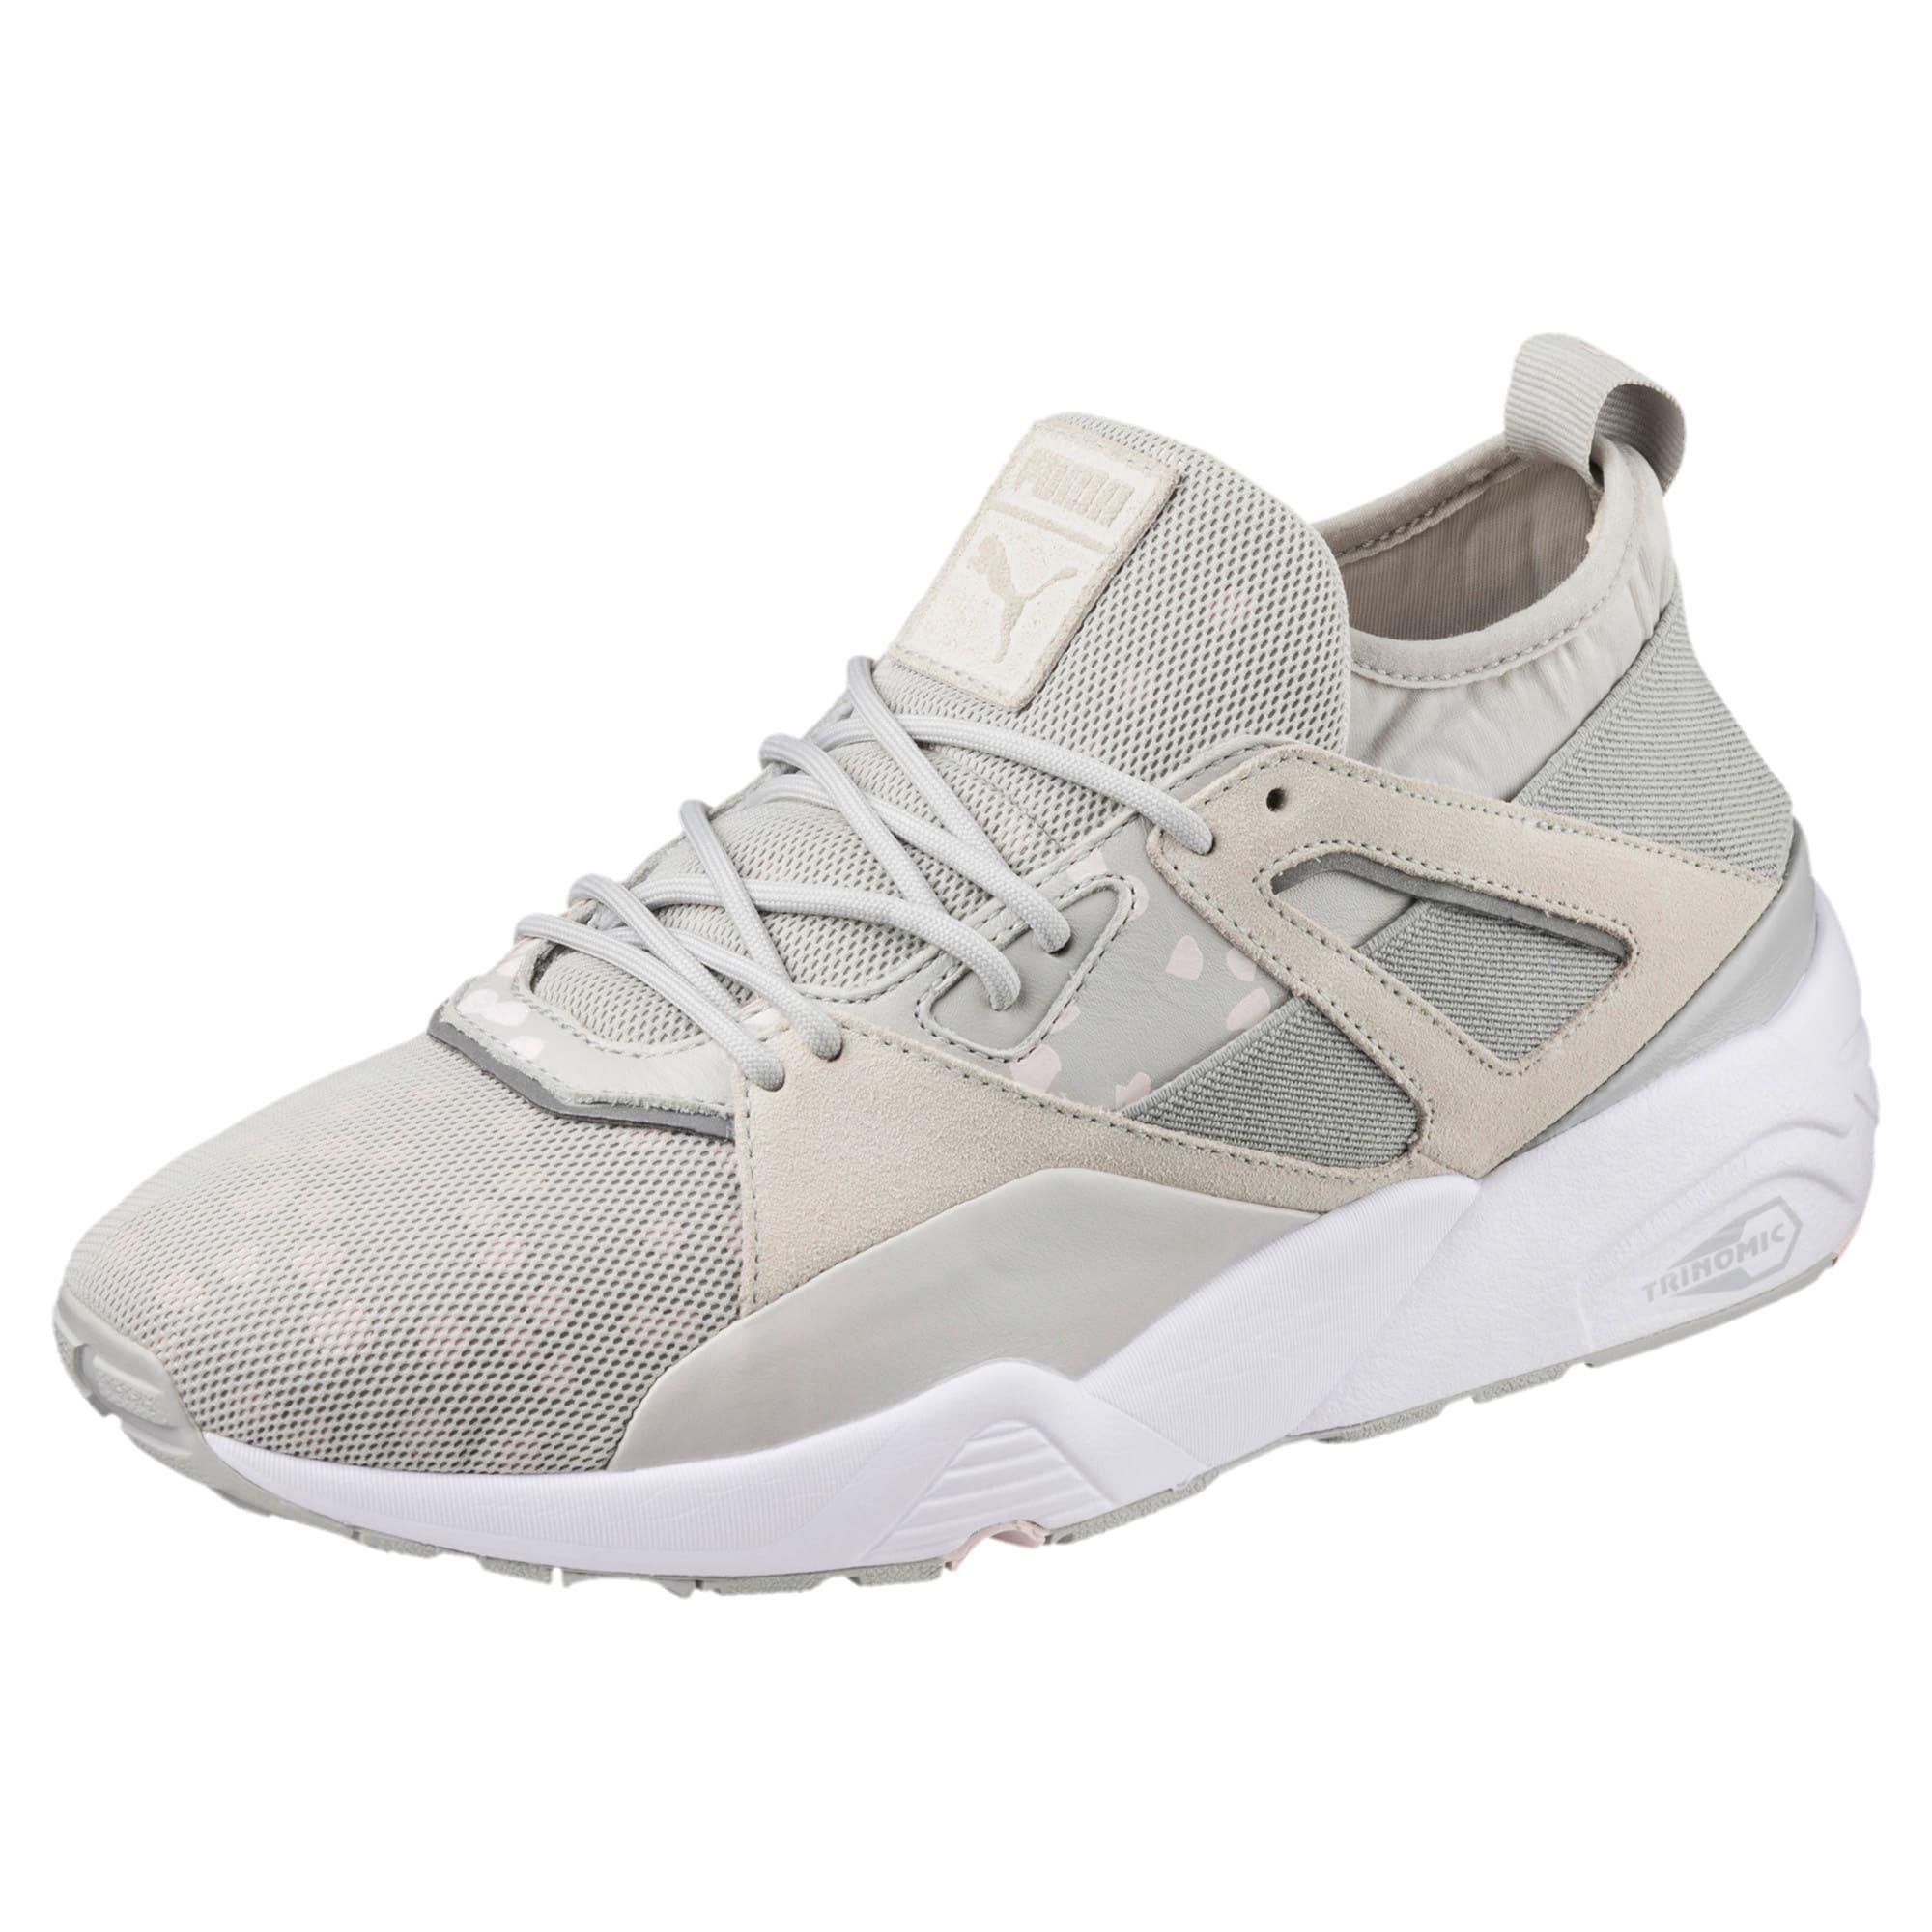 buy online 2e3f3 bf5ea Blaze Of Glory Sock Hanami Men's Sneakers